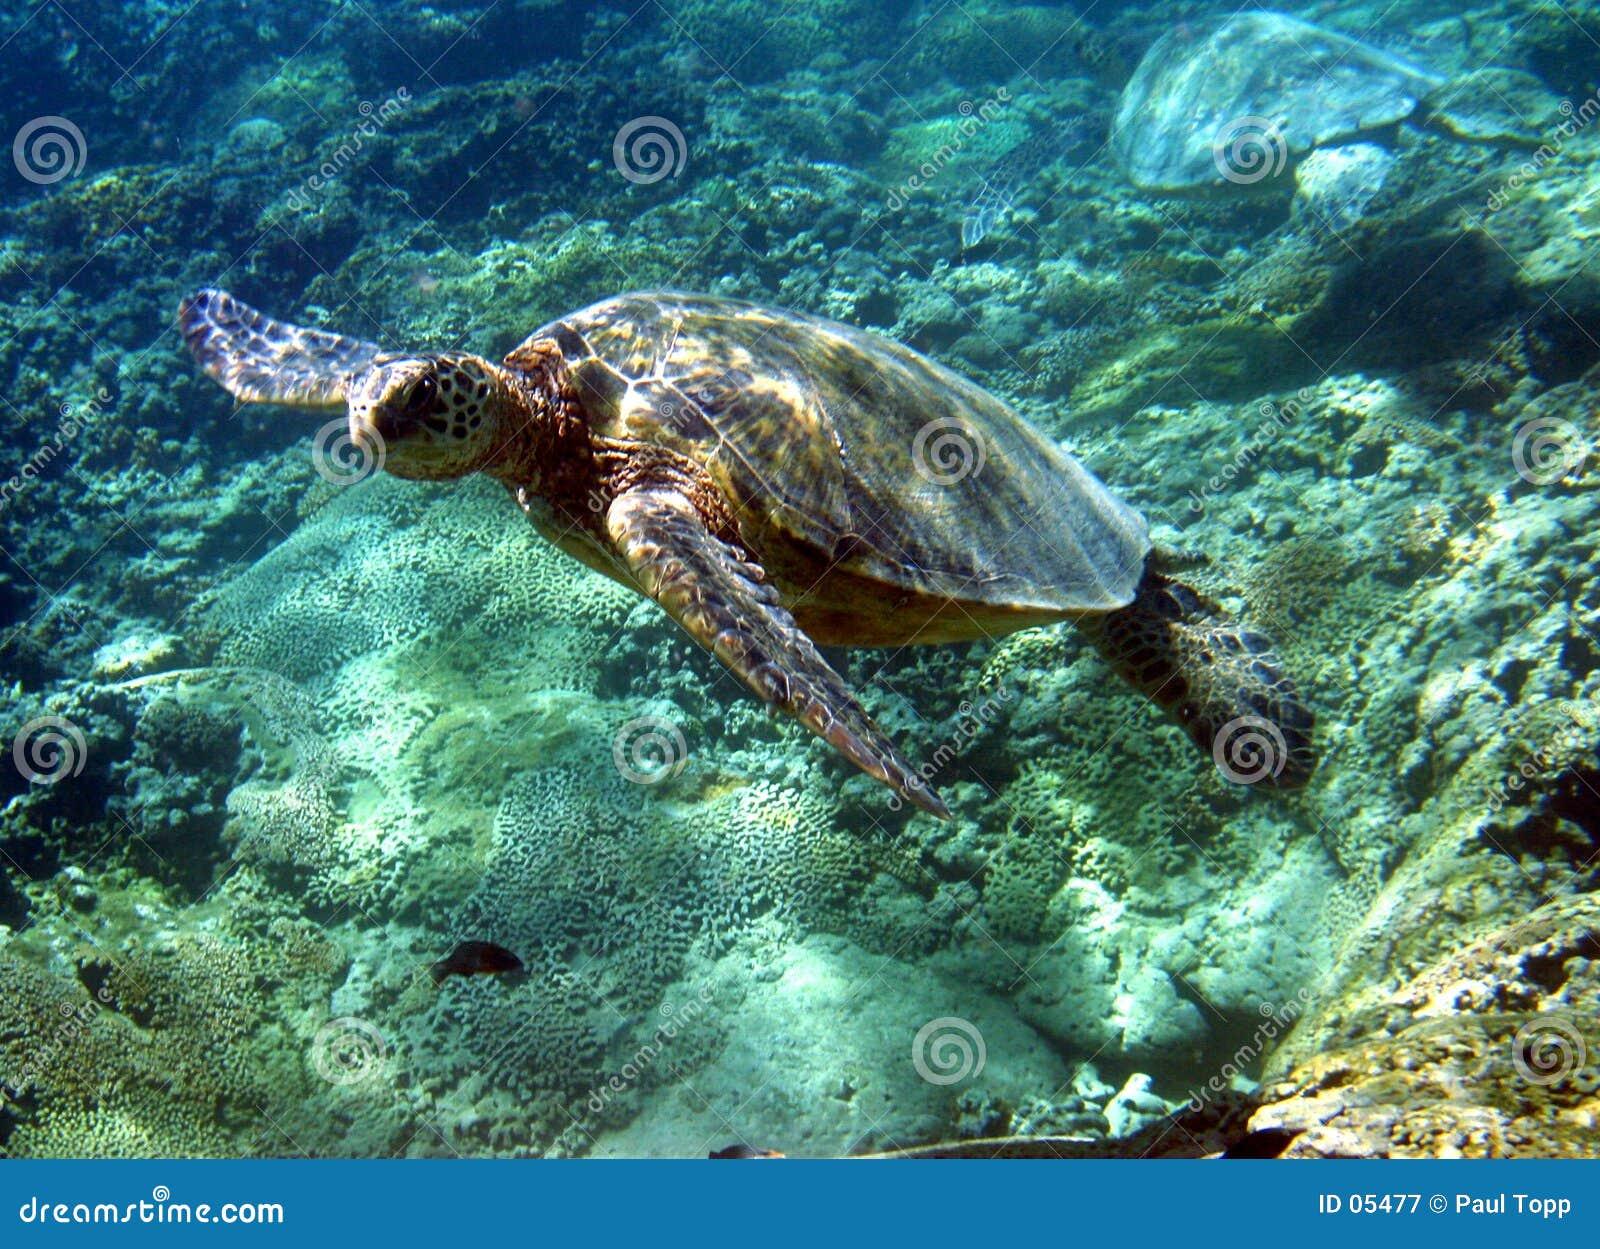 Grünes Seeschildkröte-Foto